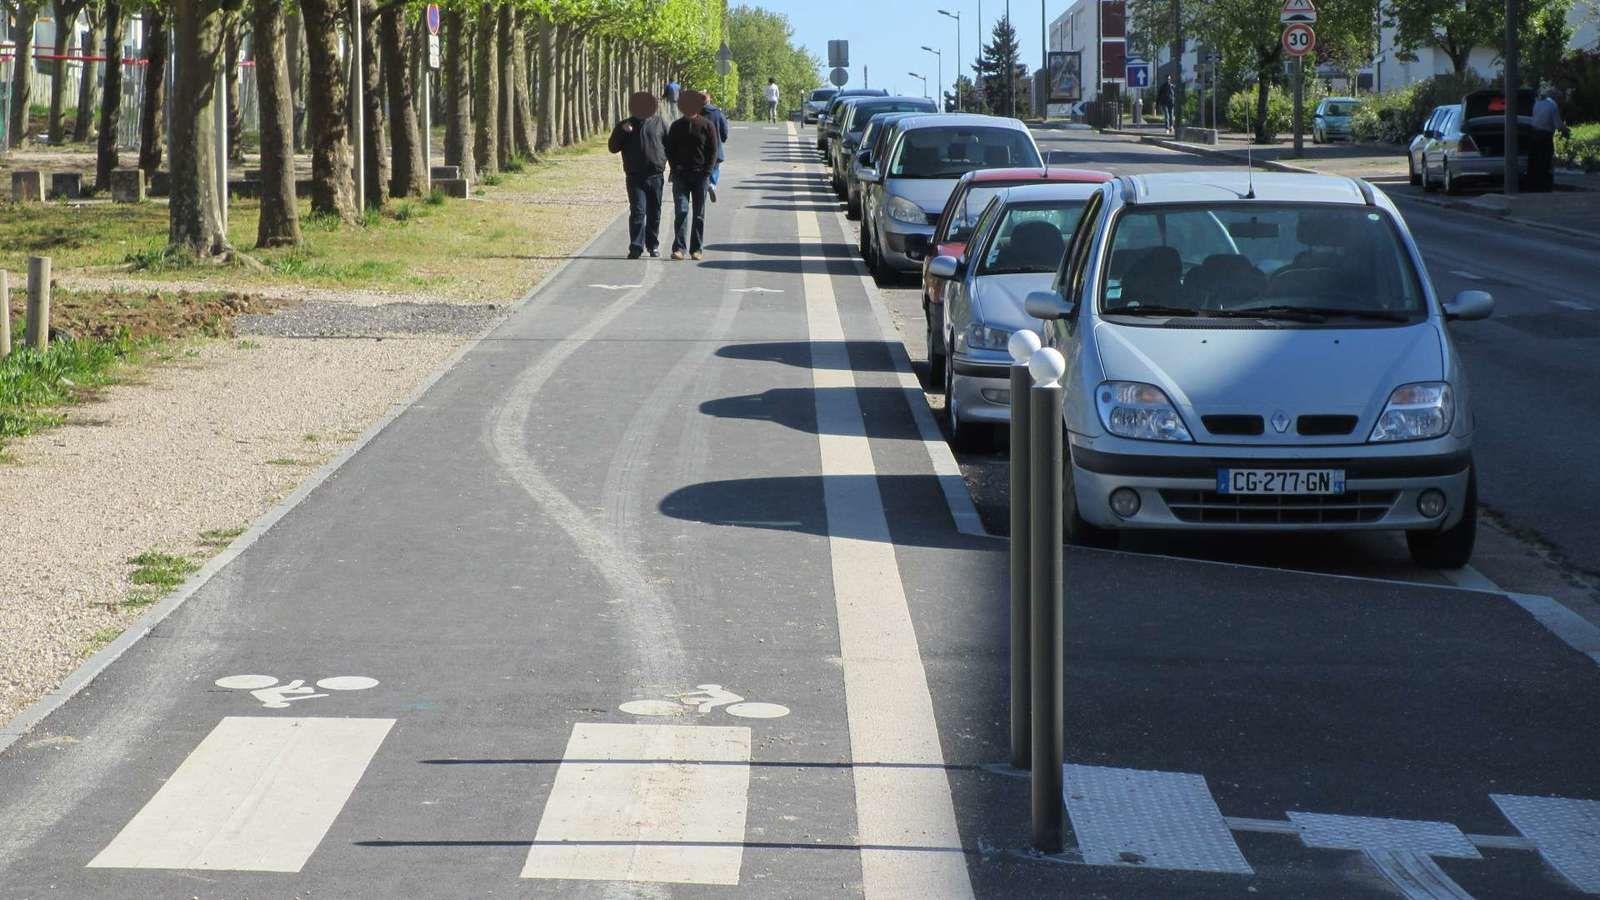 Quand la ville attribue ses trottoirs exclusivement aux cyclistes, que reste-t-il aux piétons ?